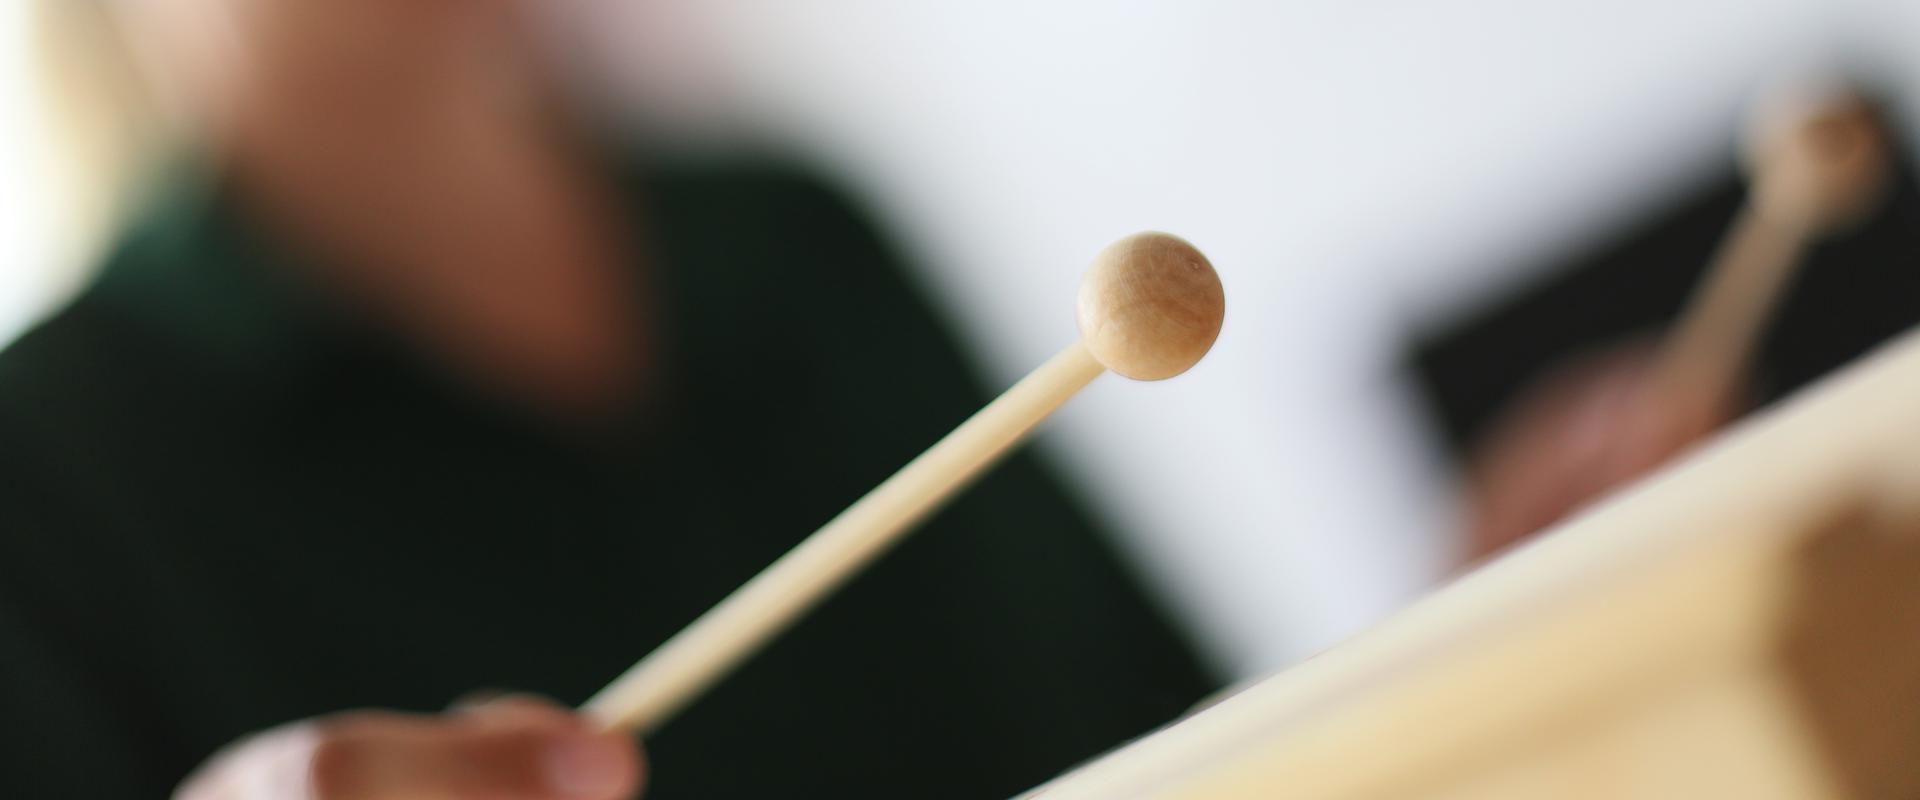 Xylophonspieler in der MEDIAN Kinder- und Jugendklinik Beelitz